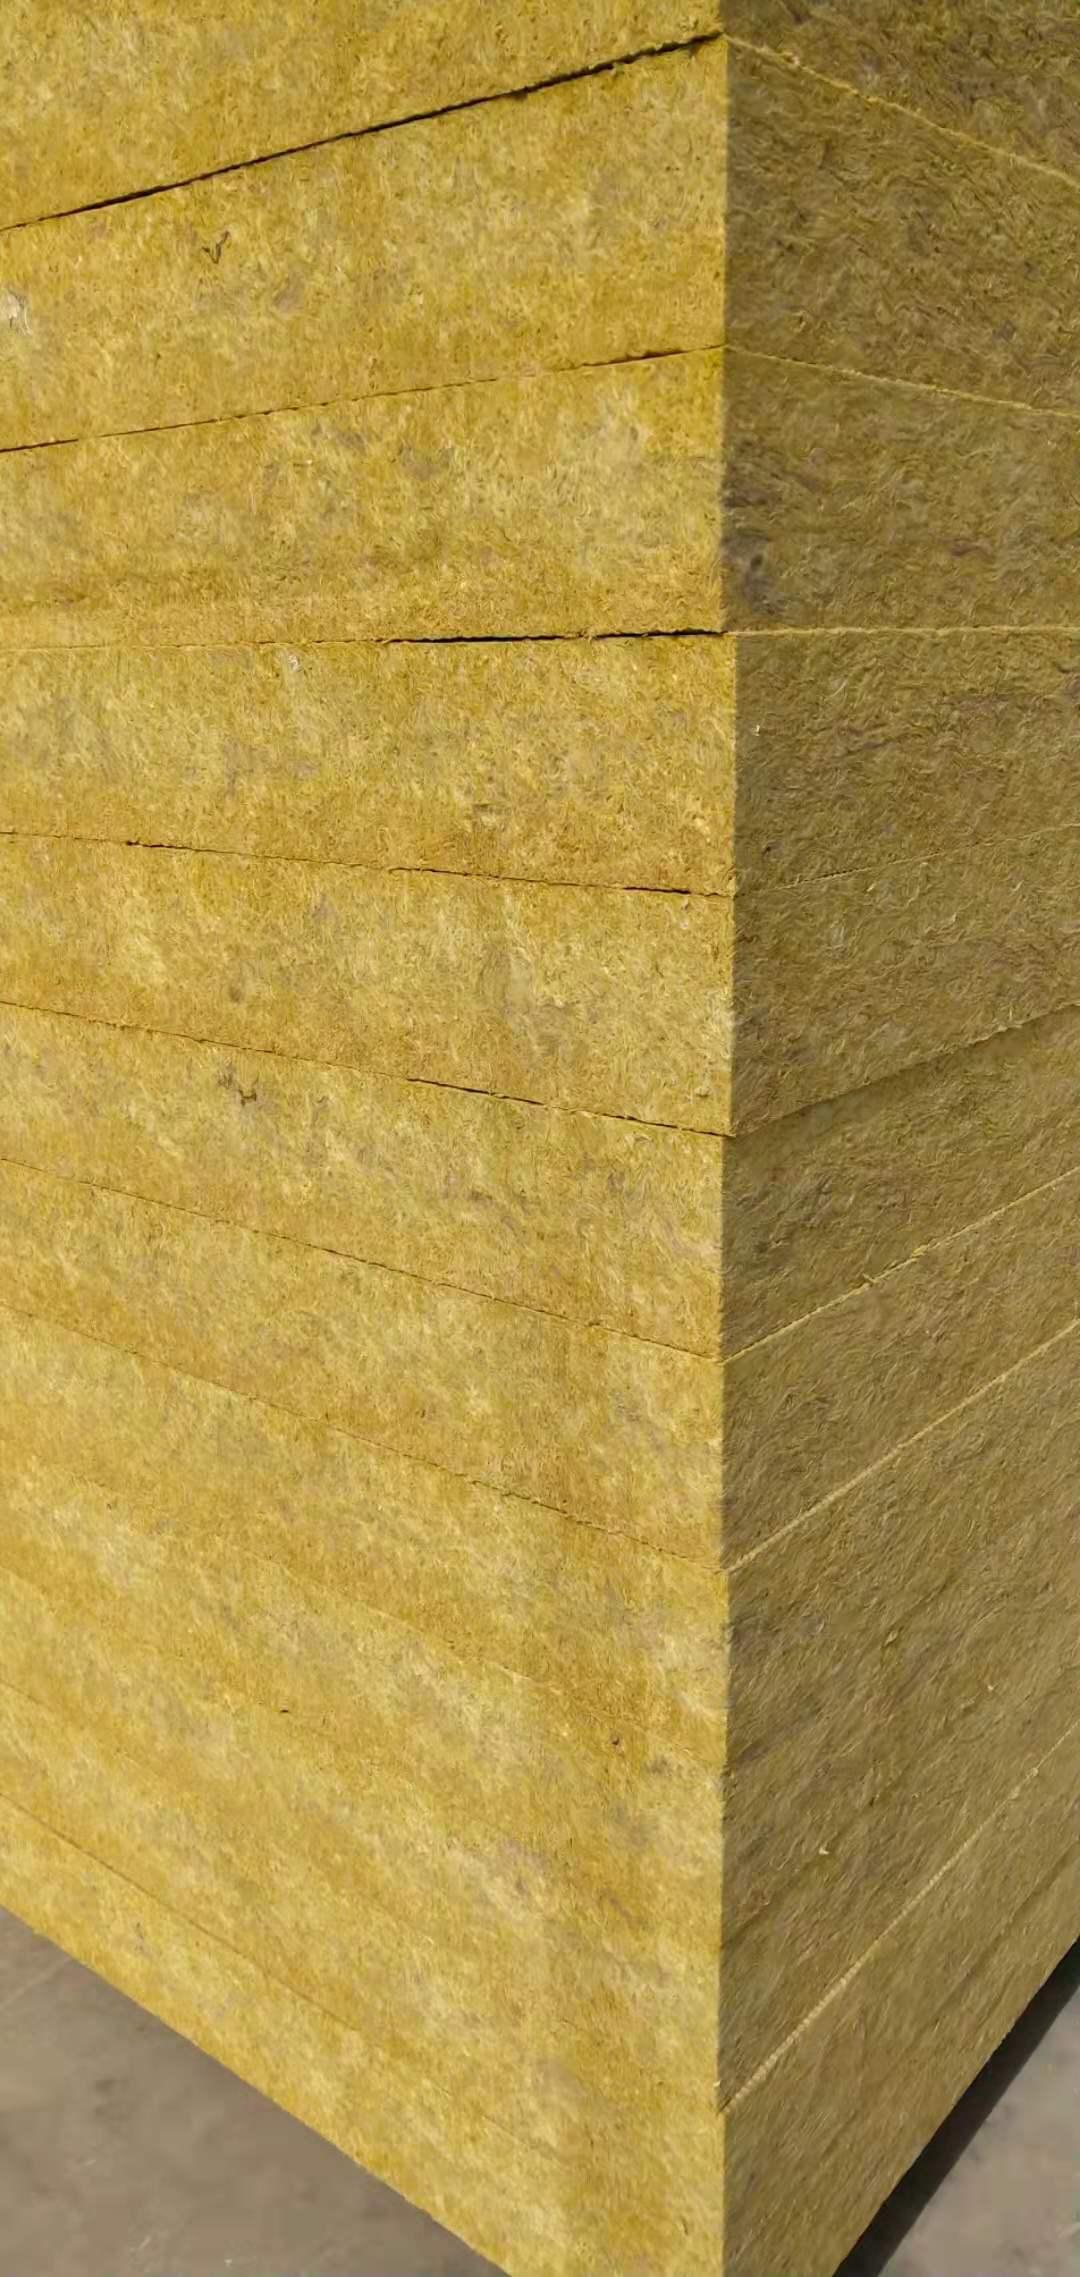 陕西岩棉板生产为什么这么受欢迎呢?一起看看它的优点吧!